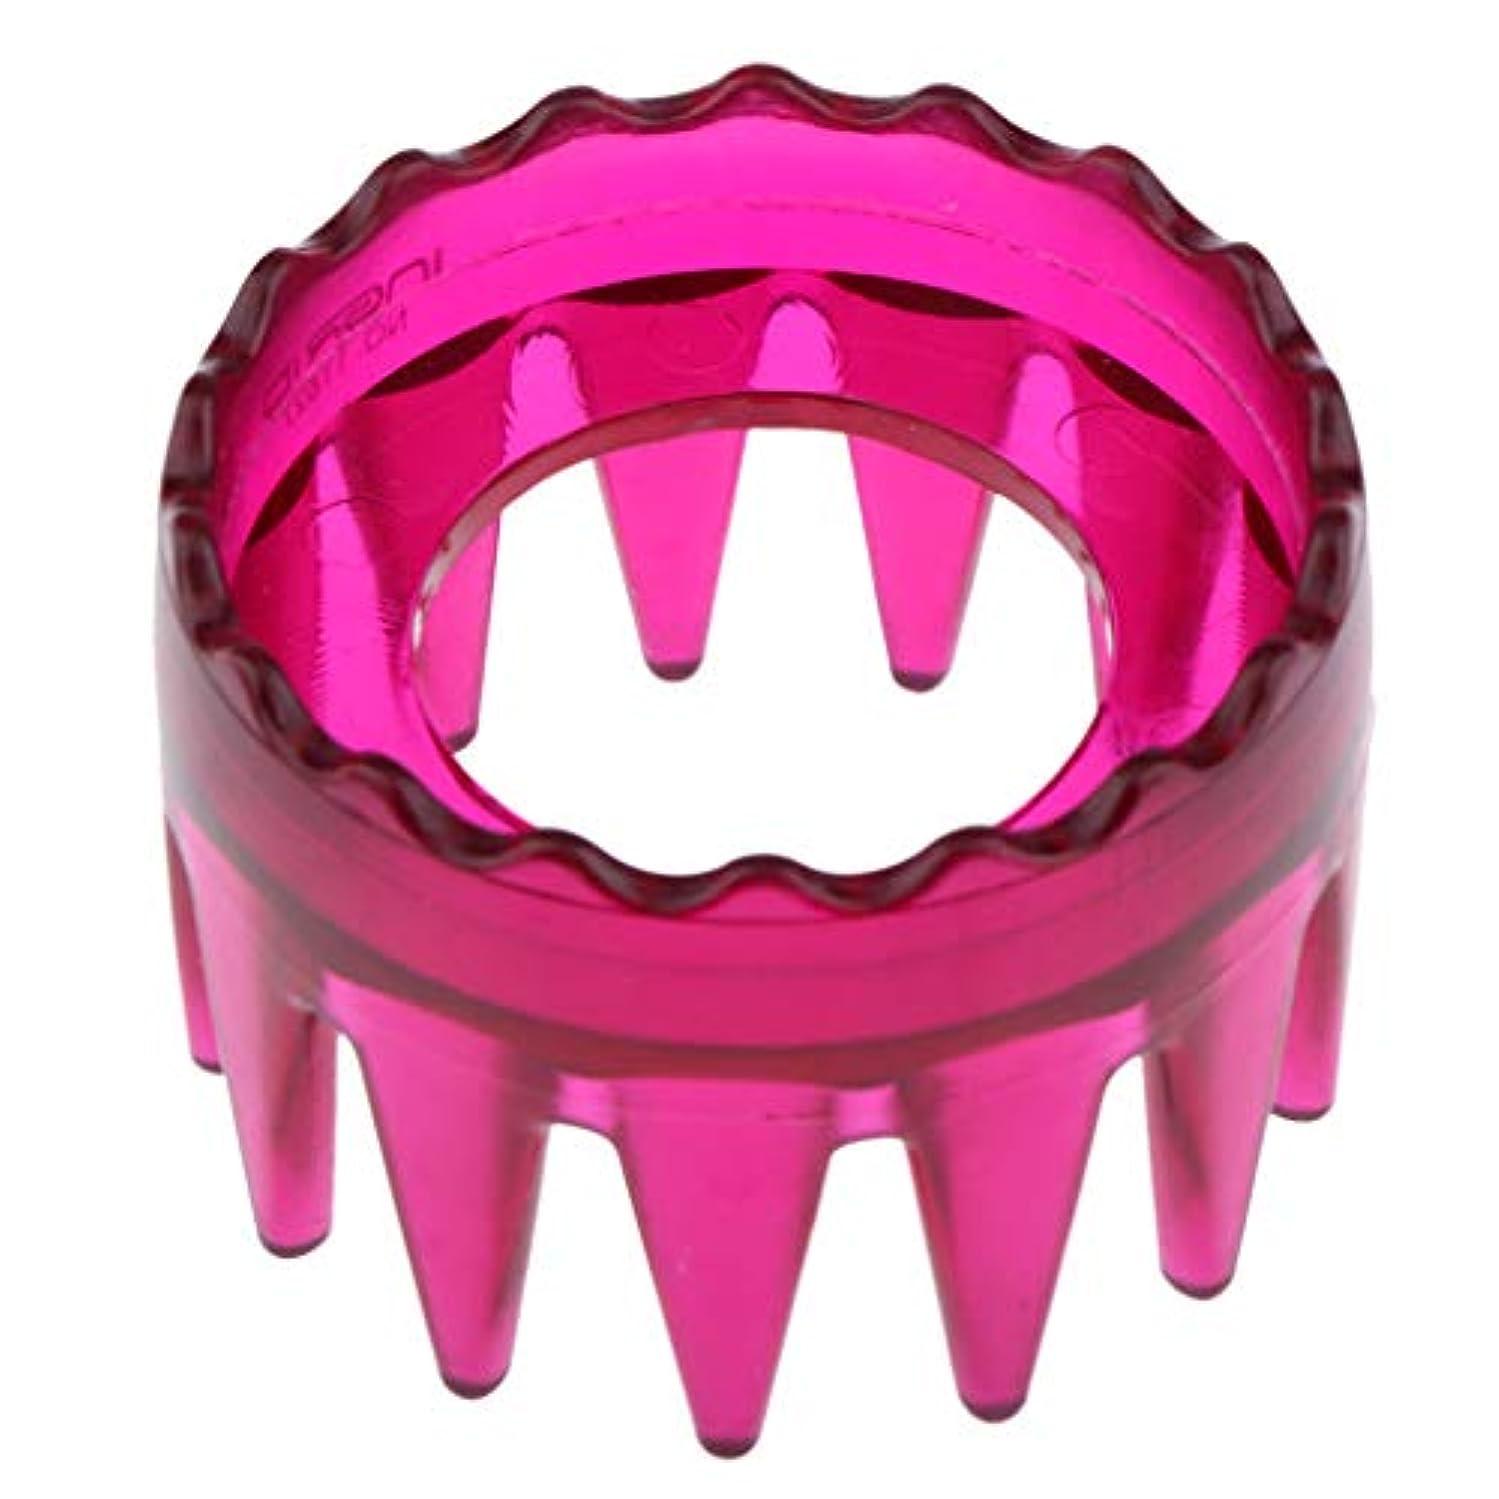 ブラジャーフォーム磁気シャンプーブラシ 洗髪櫛 マッサージャー ヘアコーム ヘアブラシ プラスチック製 全4色 - ローズレッド